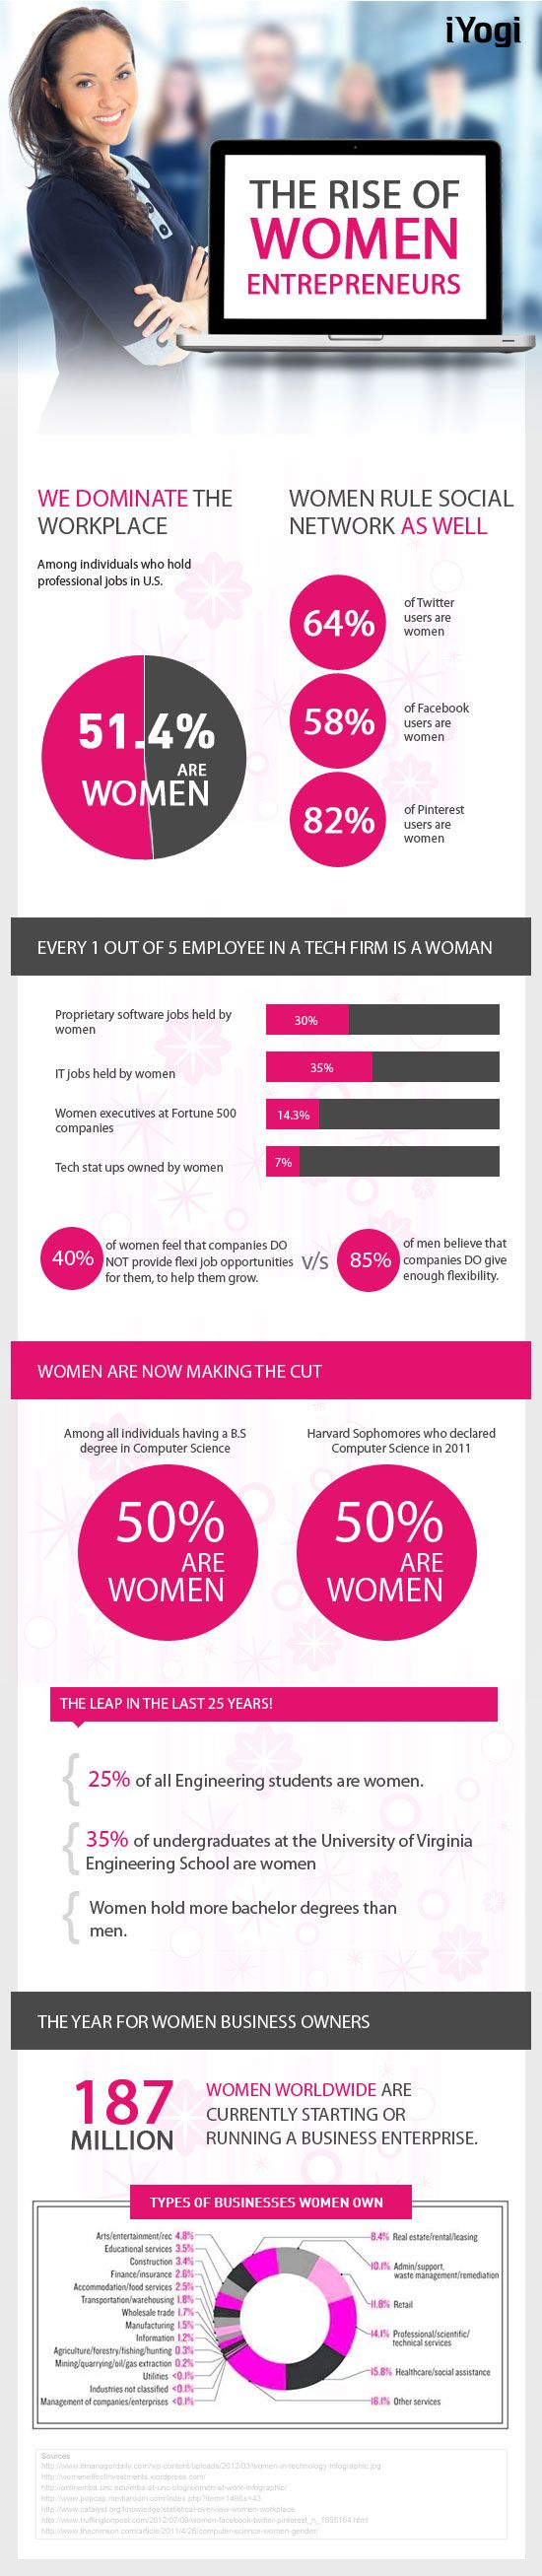 The Rise of Women Entrepreneurs Infographic for International Women's Day